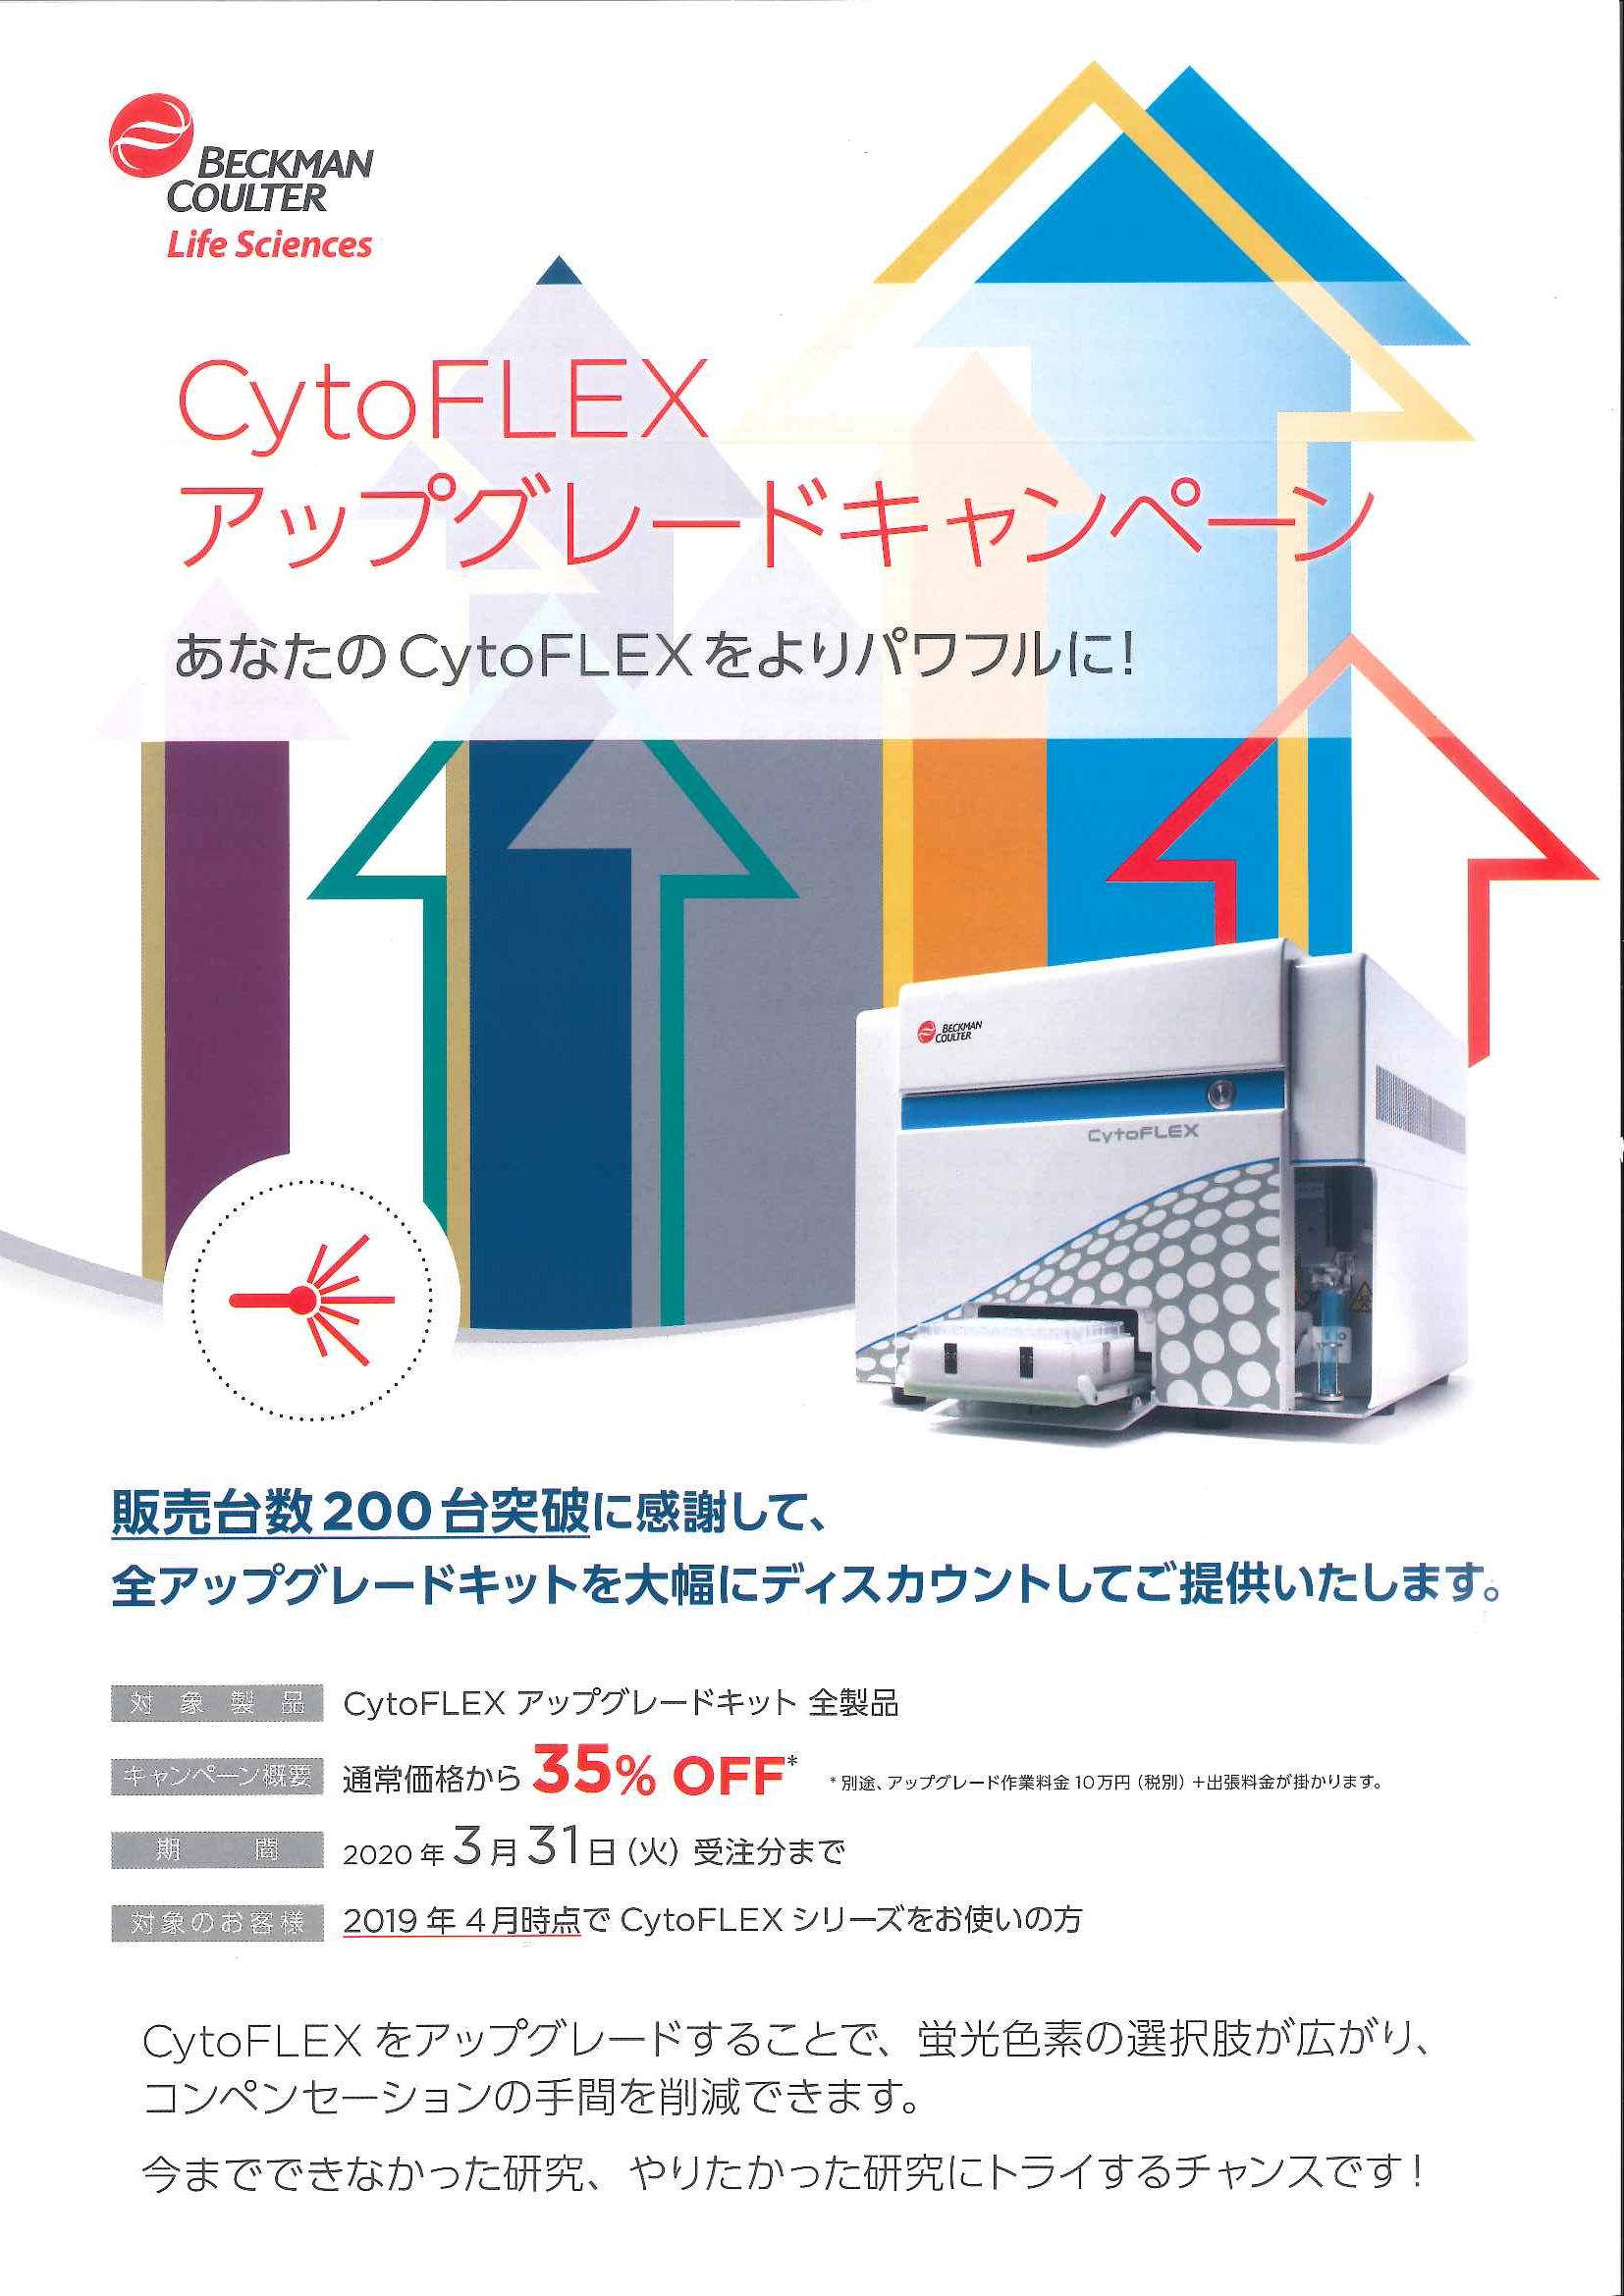 【終了】ベックマン・コールター CytoFLEXアップグレードキャンペーン!